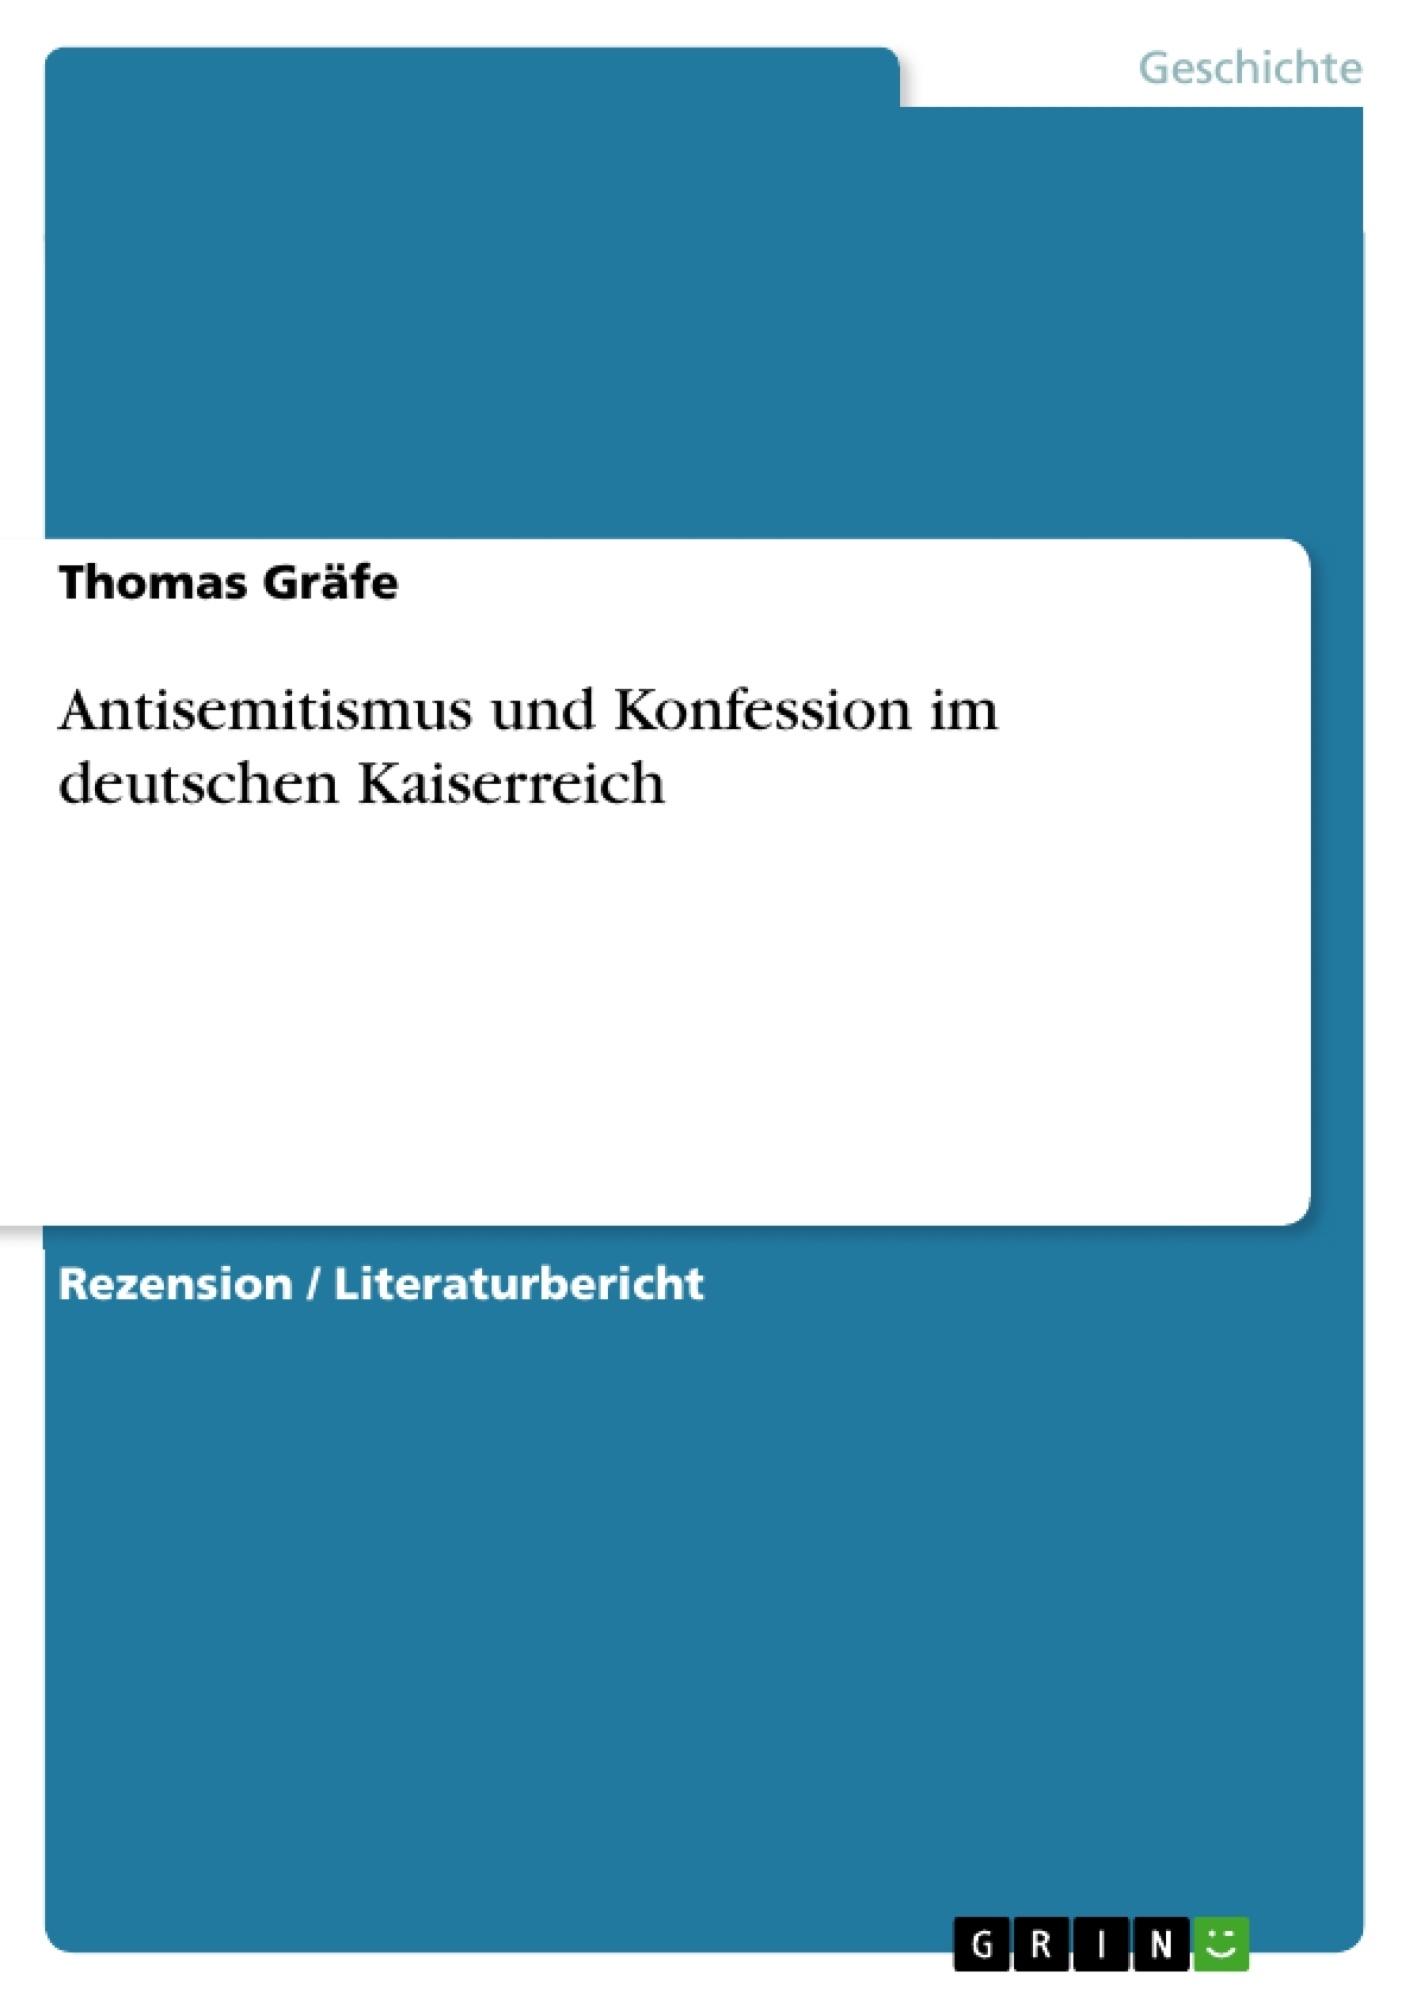 Titel: Antisemitismus und Konfession im deutschen Kaiserreich